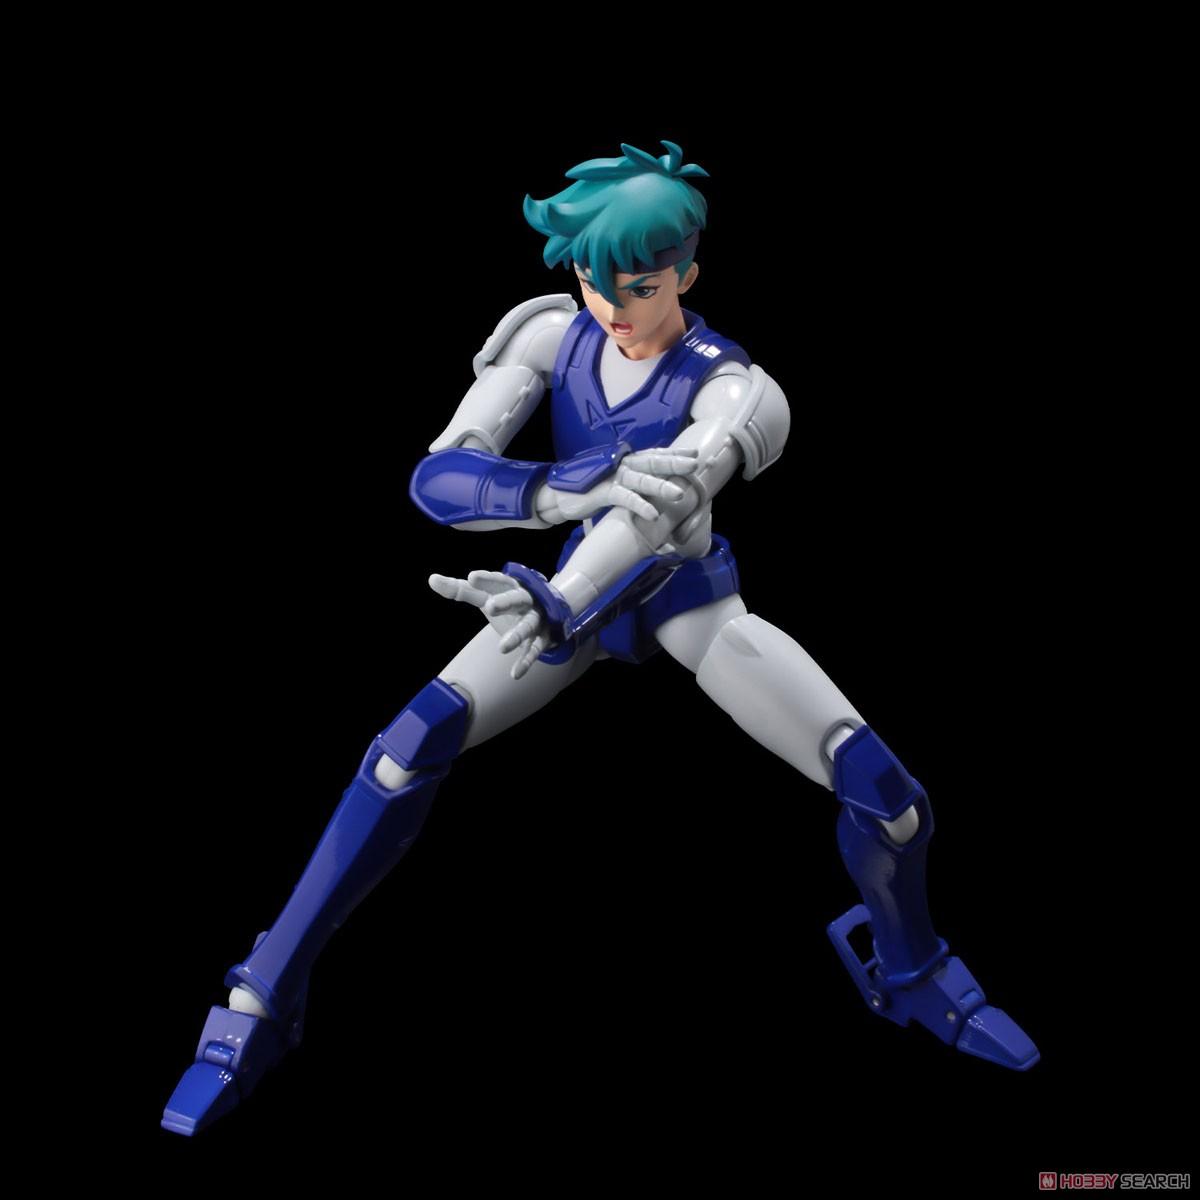 超弾可動『天空のトウマ』鎧伝サムライトルーパー 可動フィギュア-012